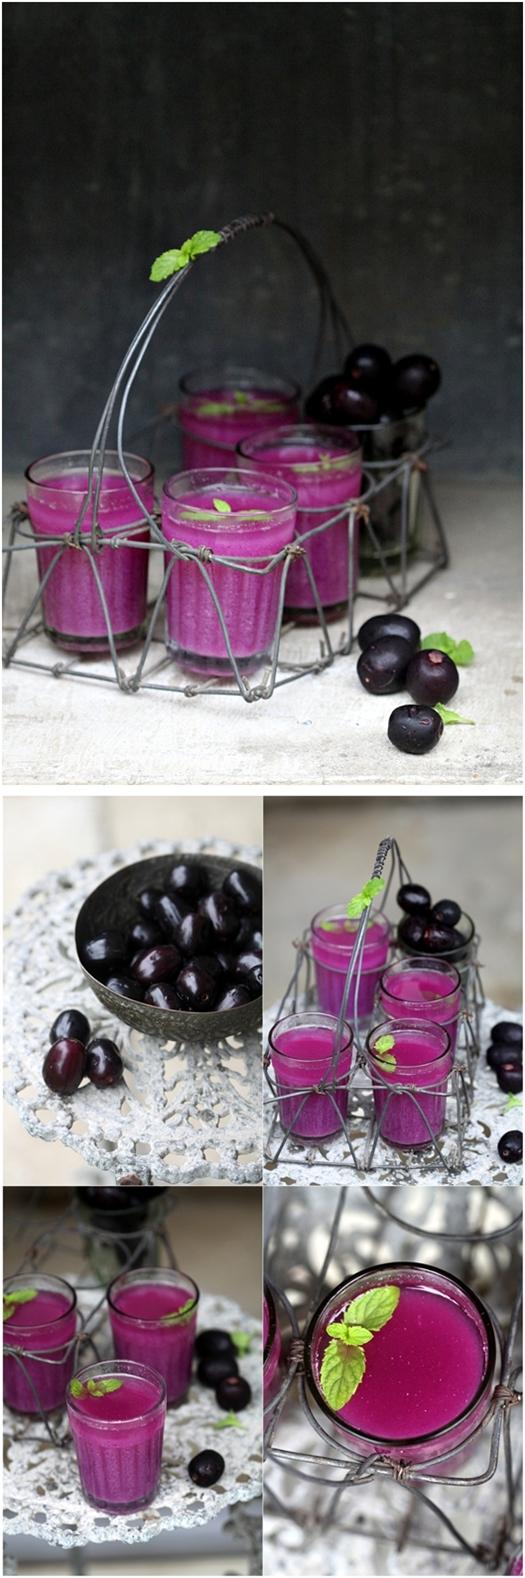 Wild Indian java plum {jamun} sherbet